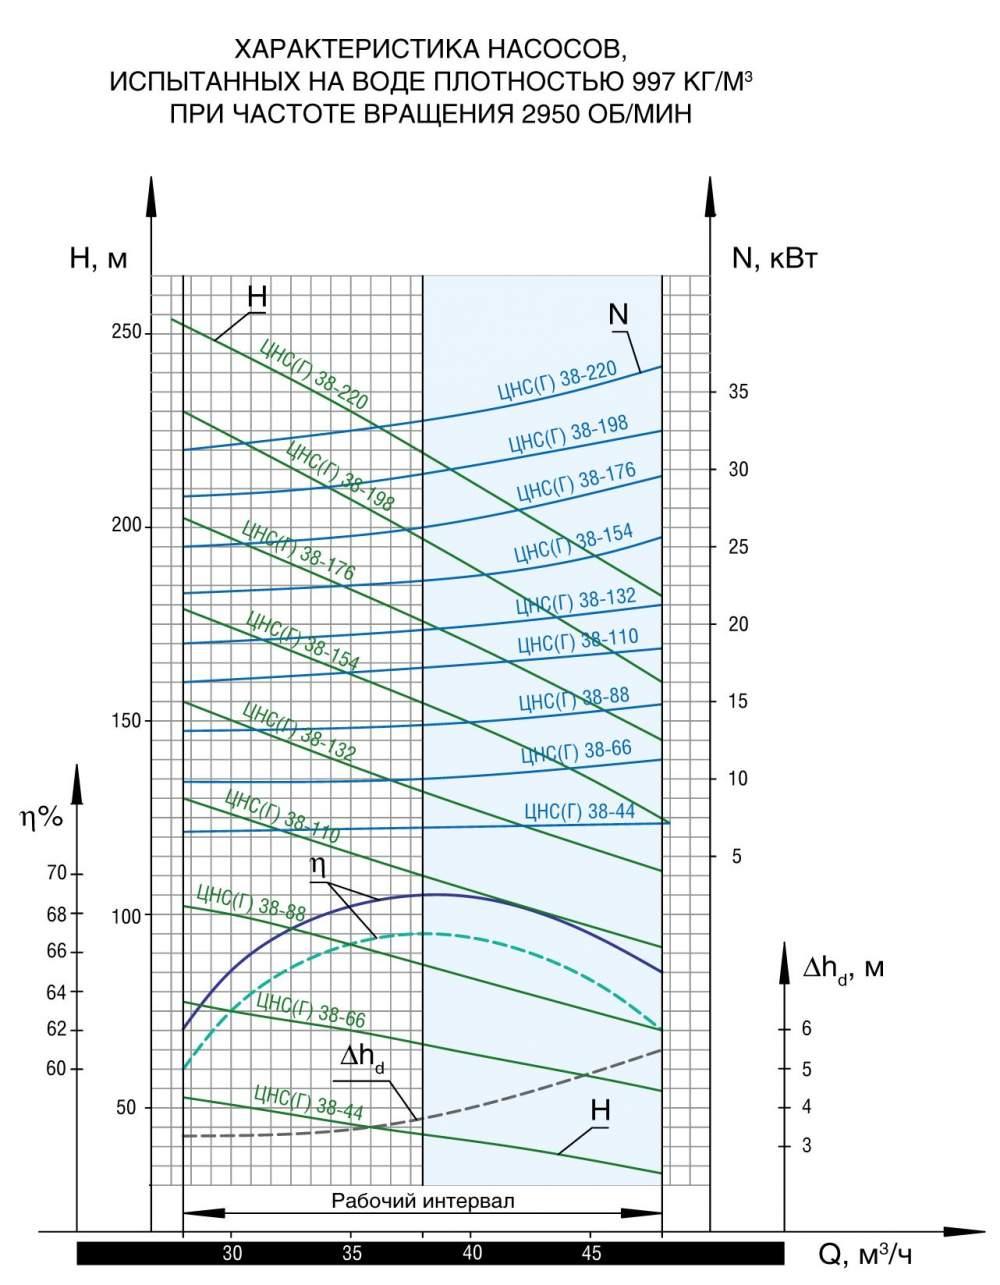 Напорная характеристика насоса ЦНС(Г) 38-88